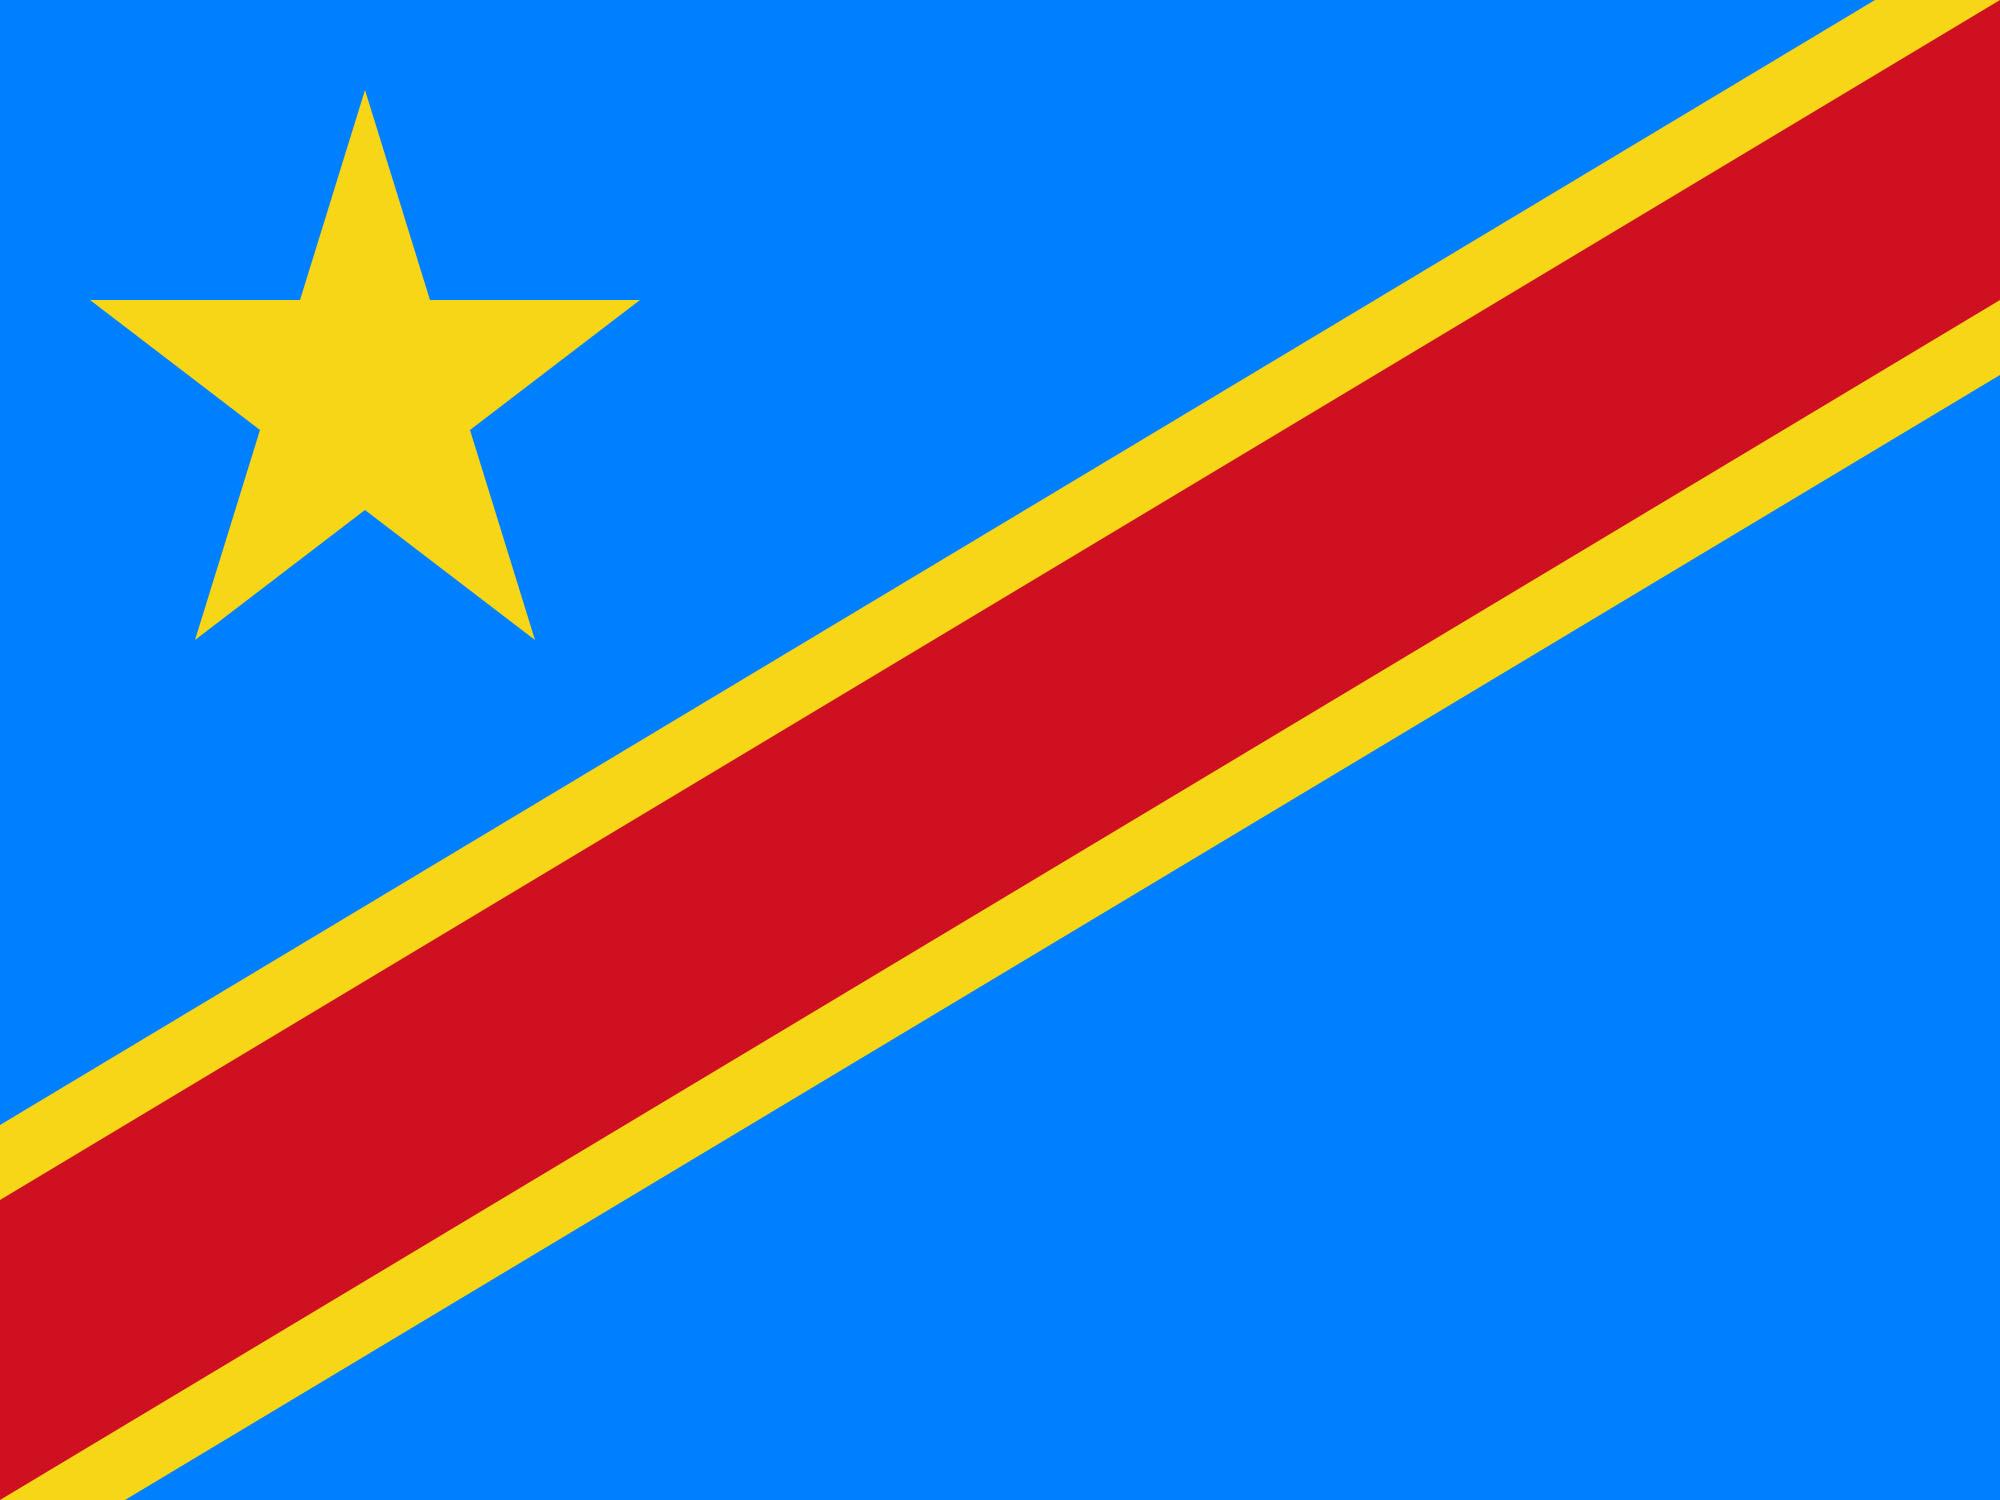 刚果民主共和国国旗 高清图片